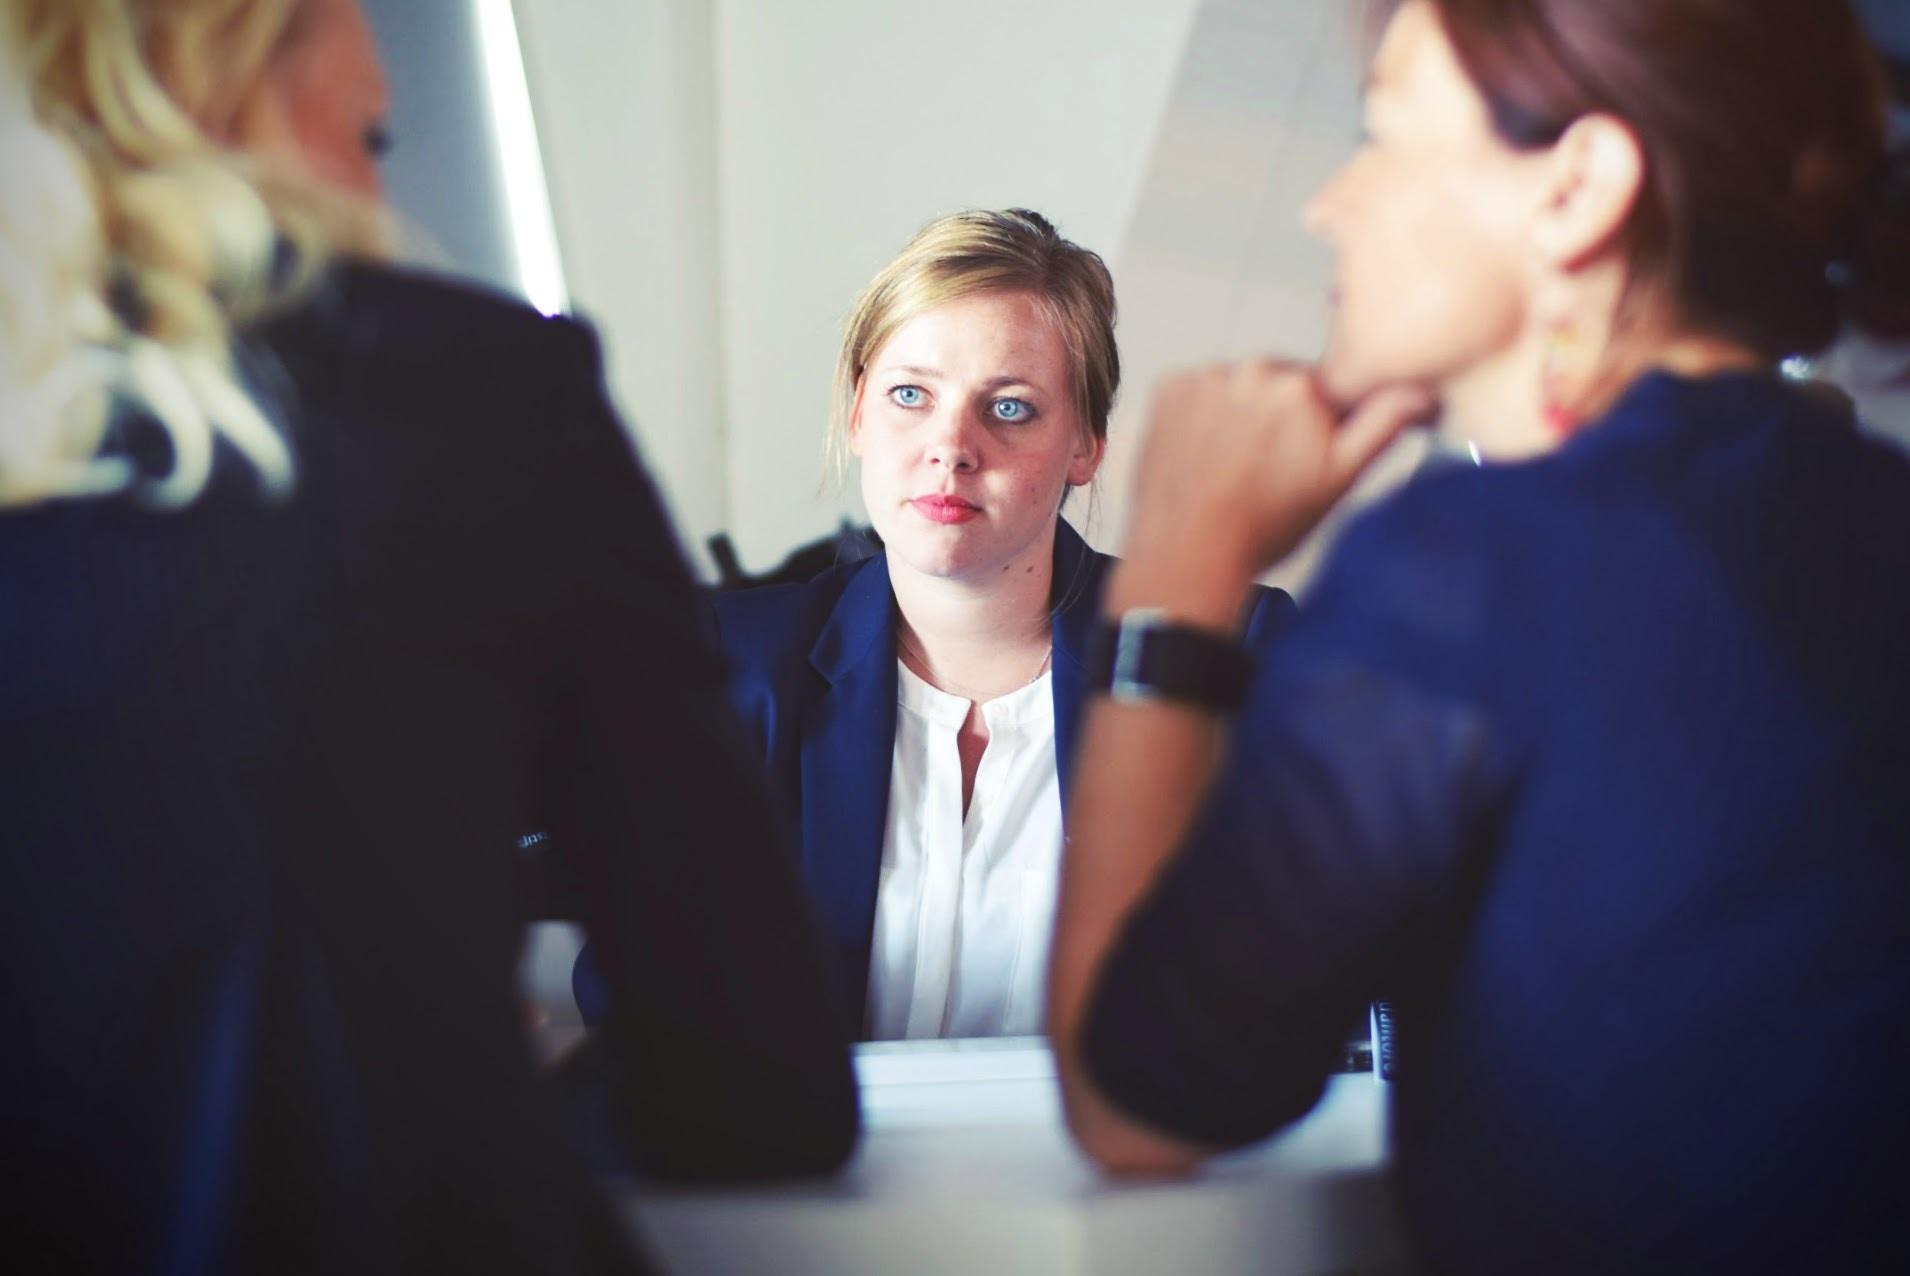 3 women in an office